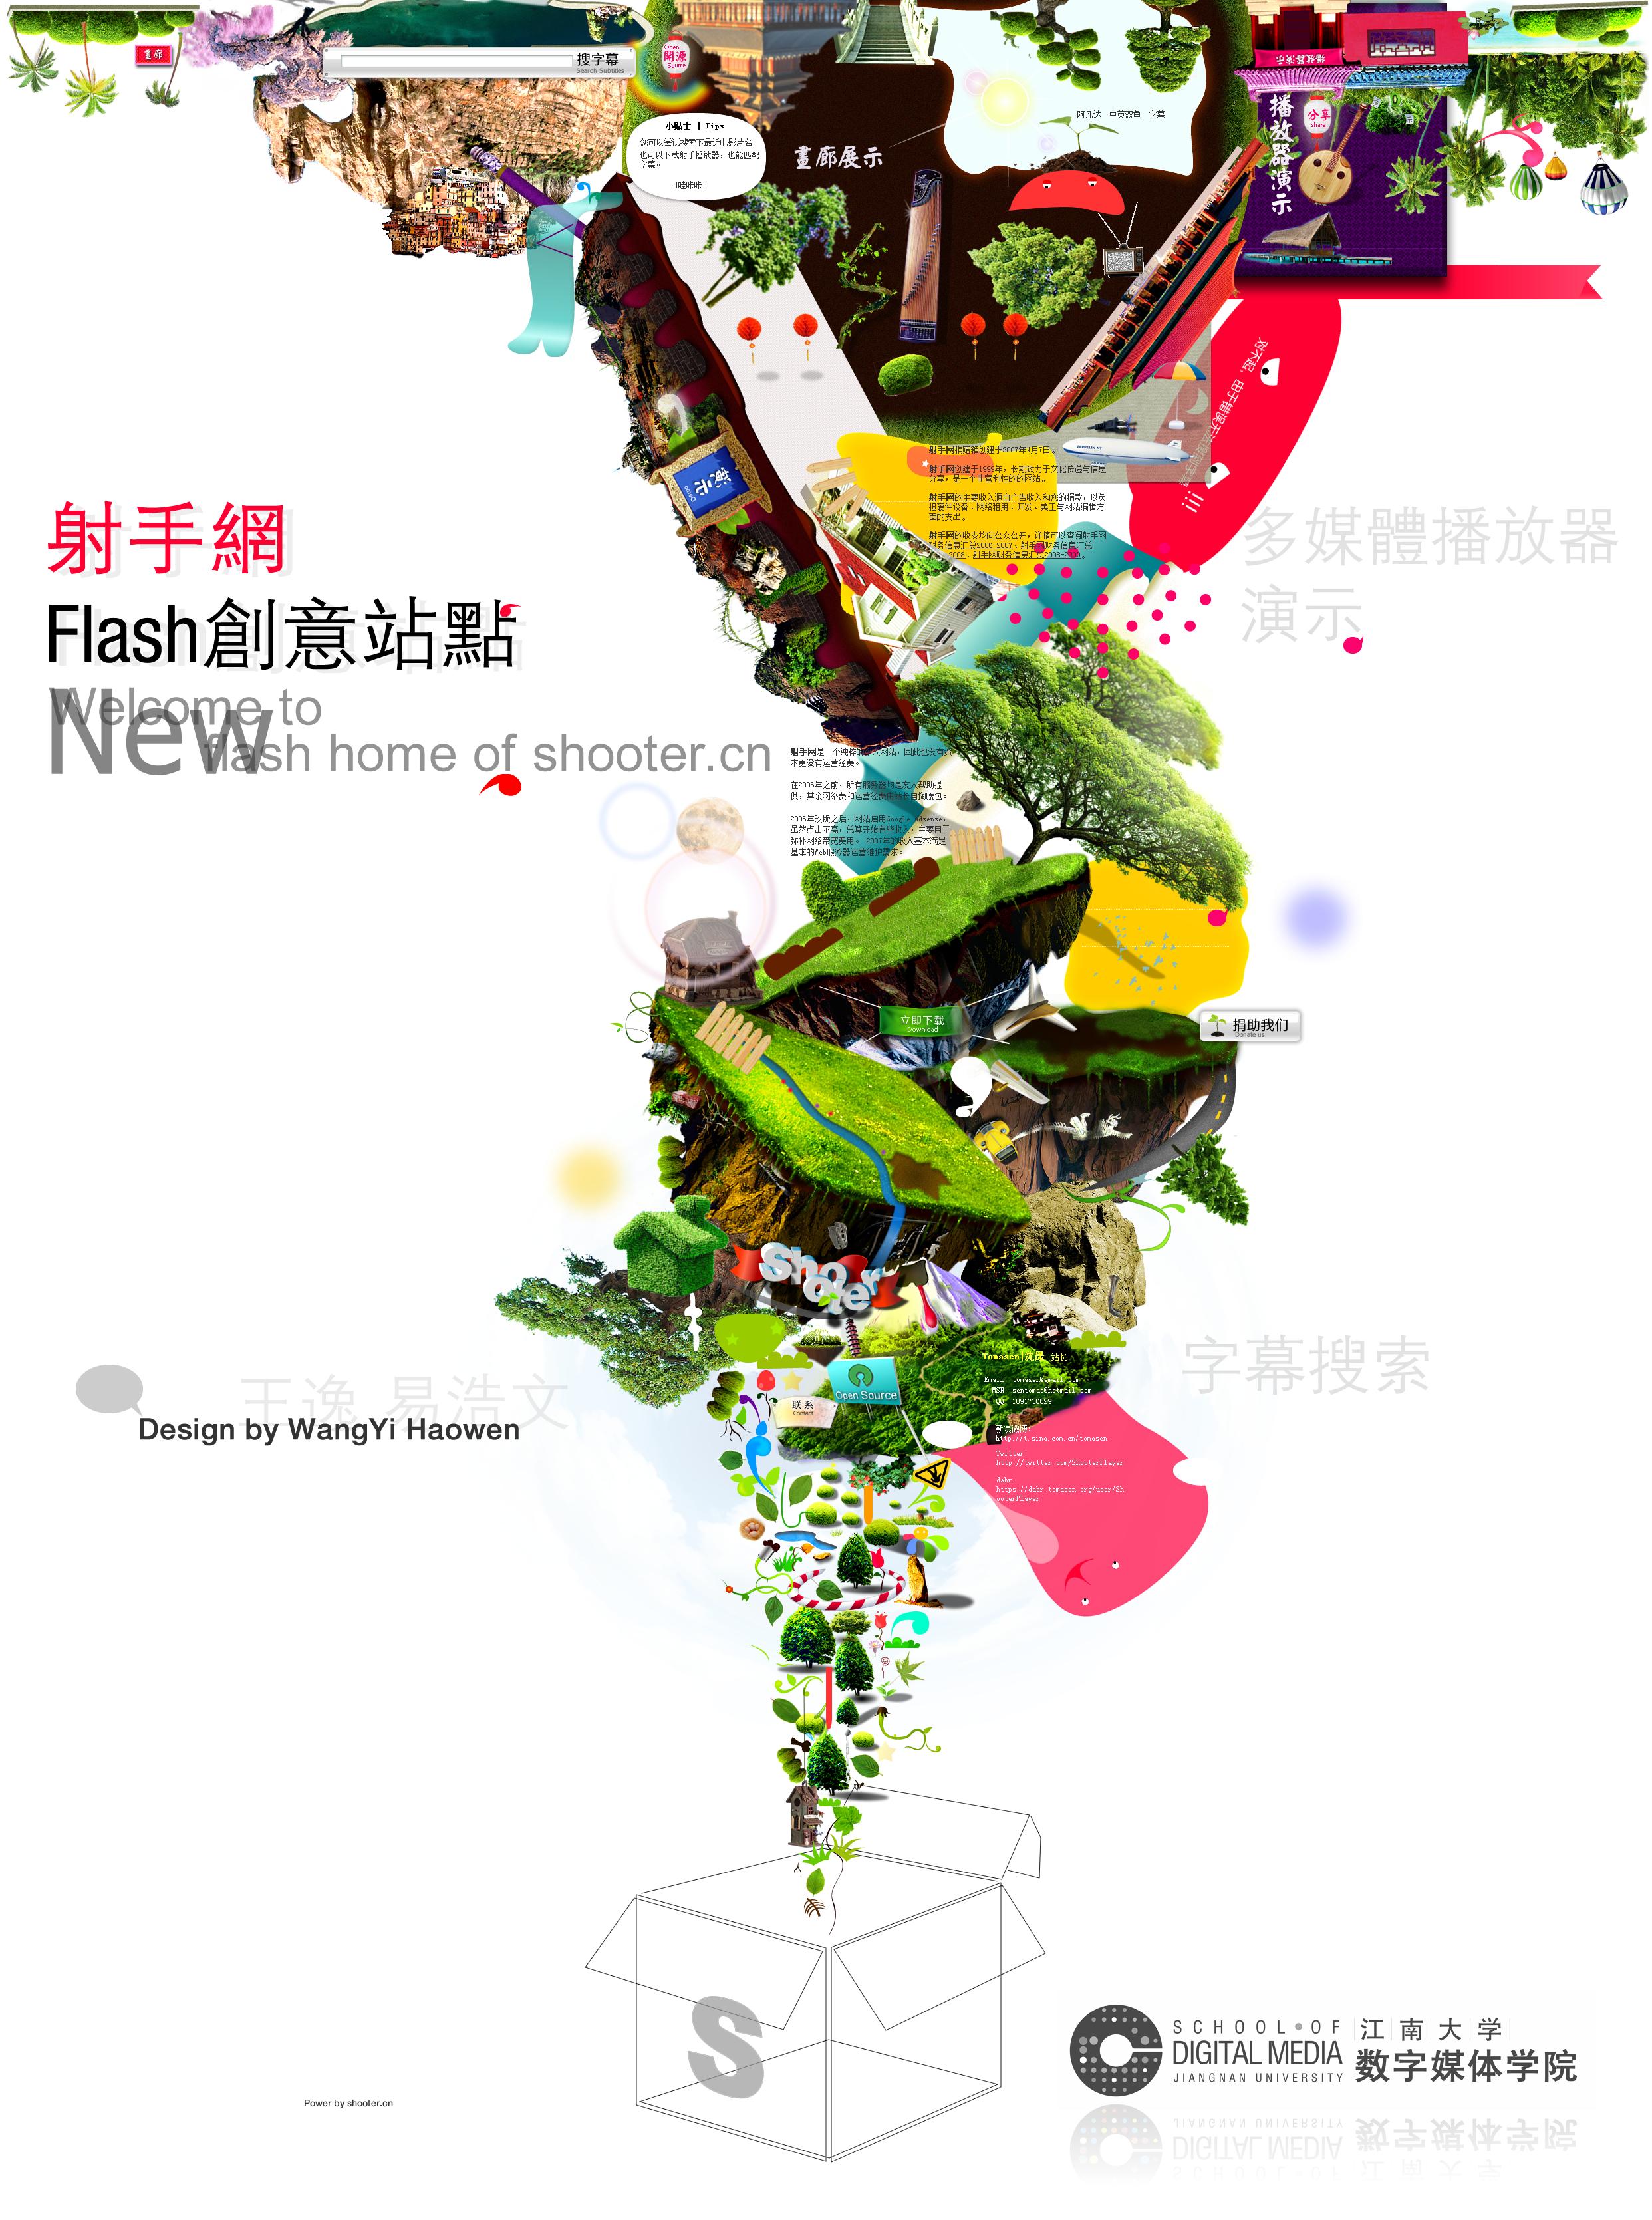 射手网flash创意站点海报设计图片